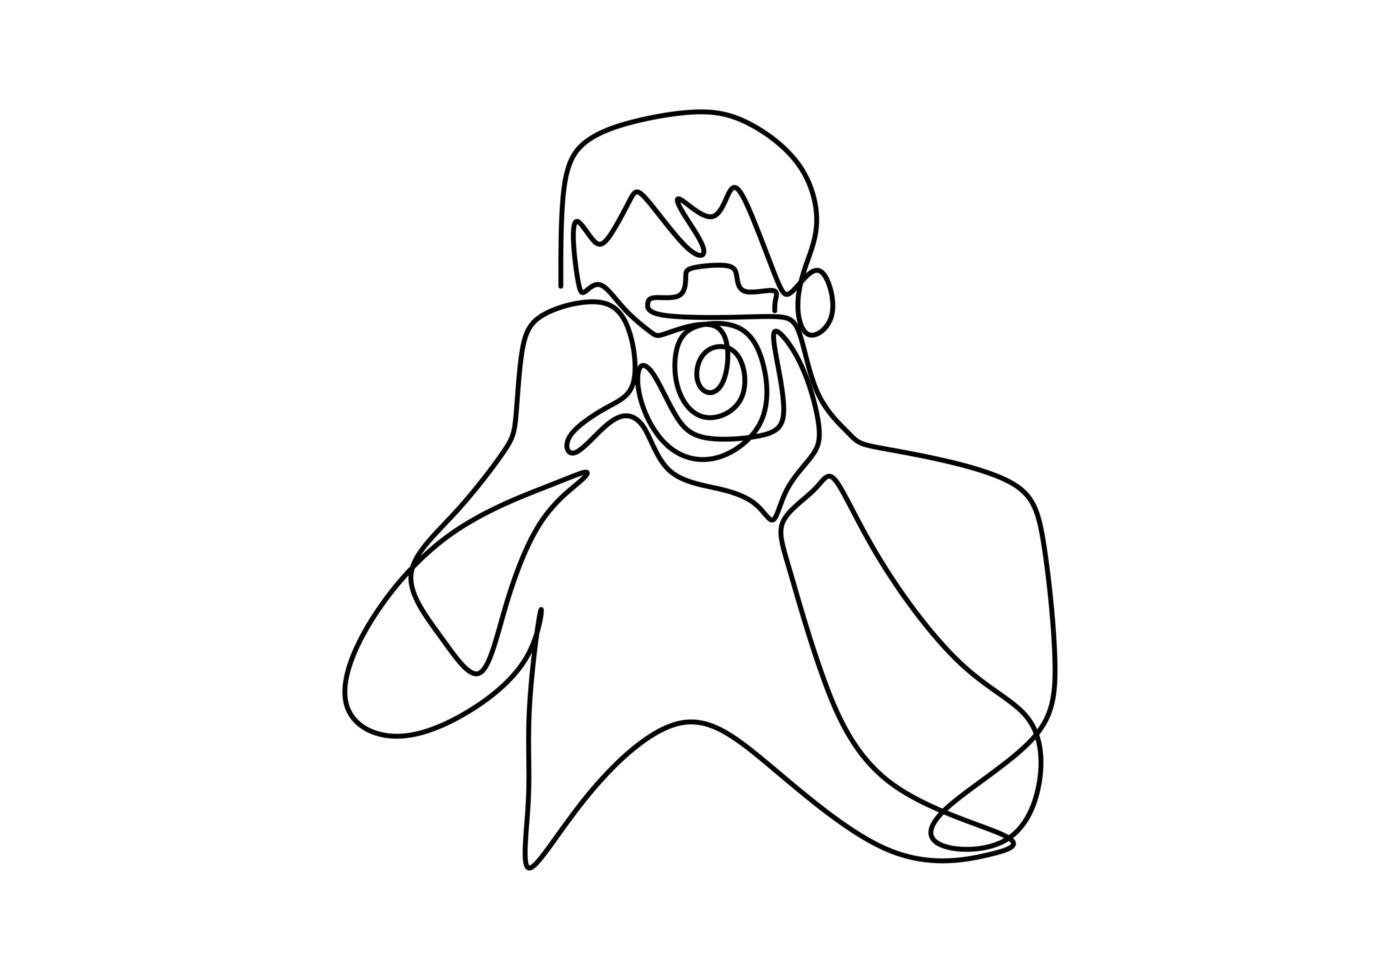 hombre fotógrafo con una cámara toma fotografías al aire libre. dibujo de línea continua de un contorno negro de un periodista o fotógrafo en el trabajo. para animación. vector monocromo, dibujo de líneas.